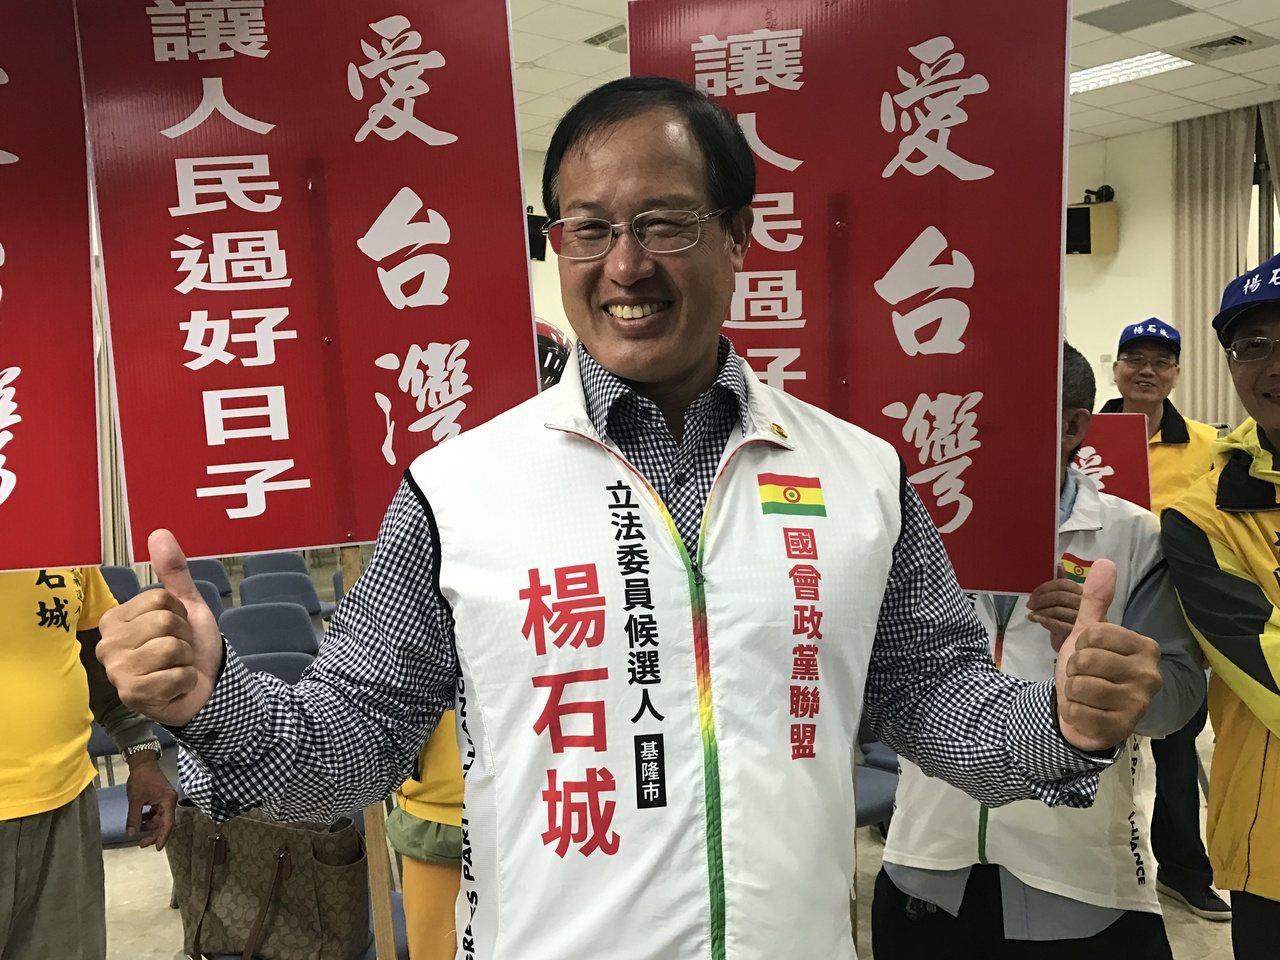 楊石城捲土重來選立委,他說,是要完成為百姓努力打拚的願望。記者吳淑君/攝影